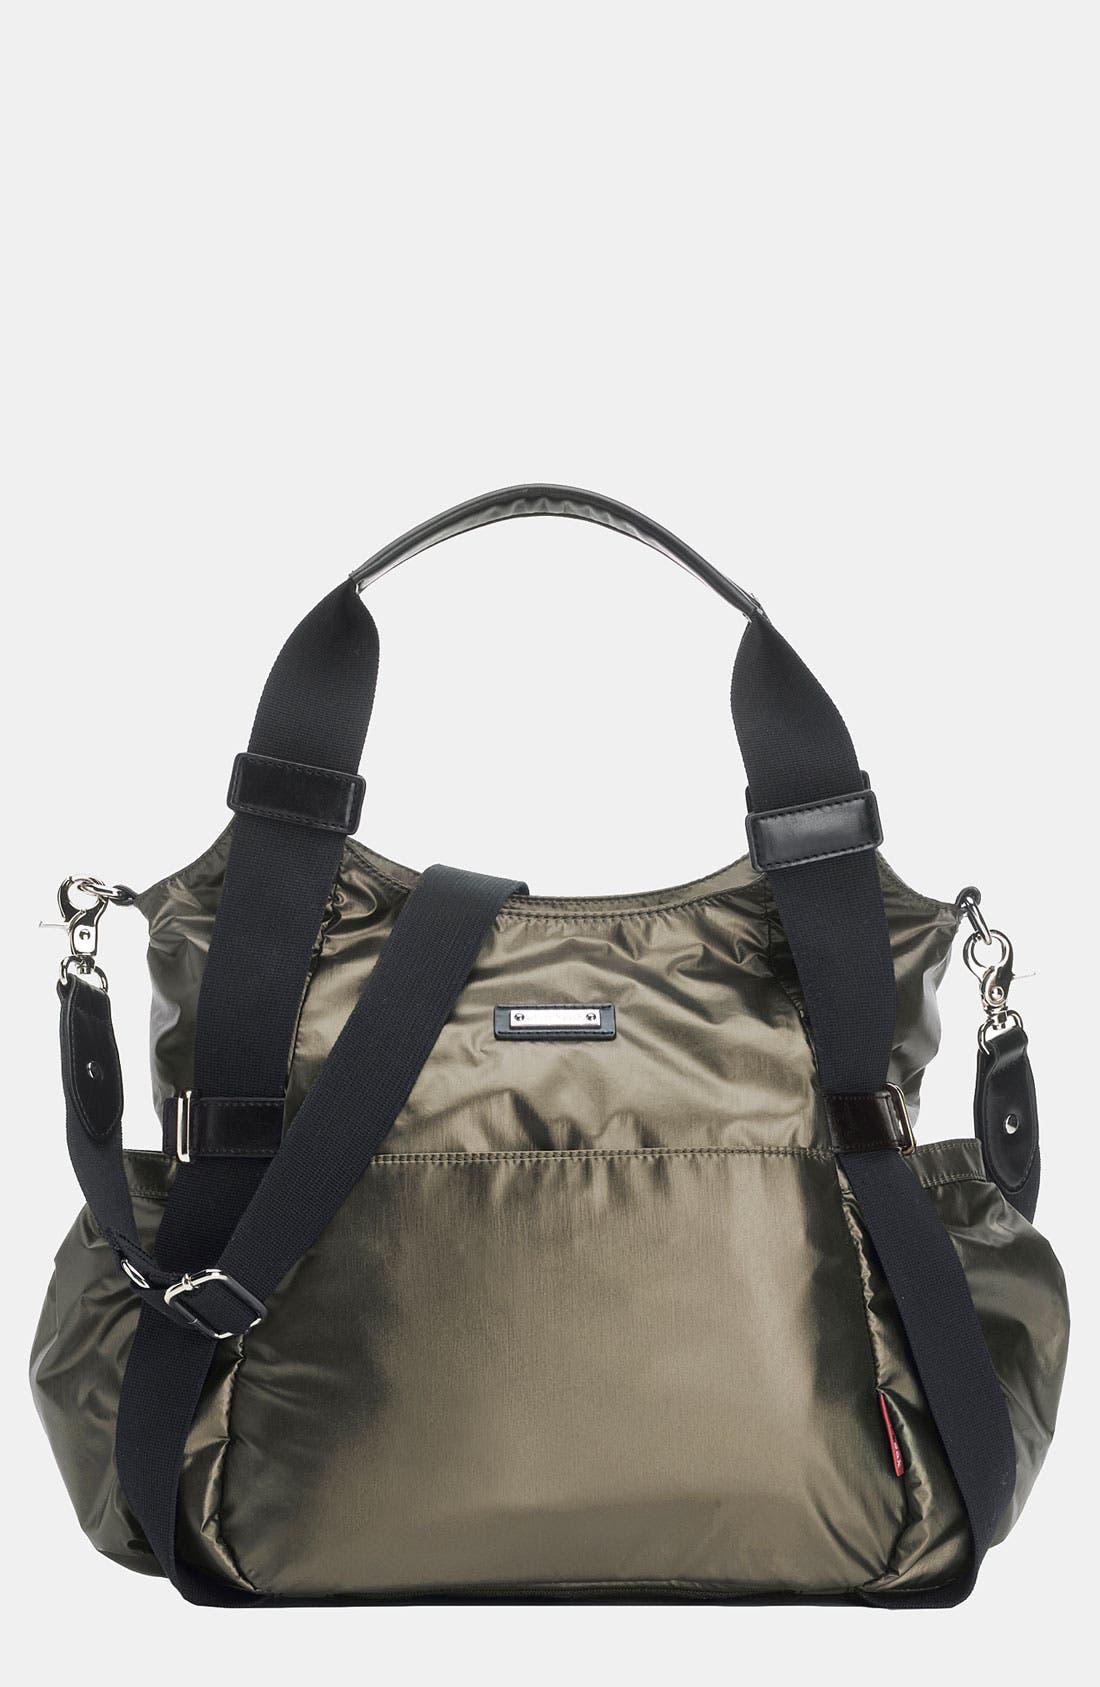 Alternate Image 1 Selected - Storksak 'Tania Bee' Diaper Bag